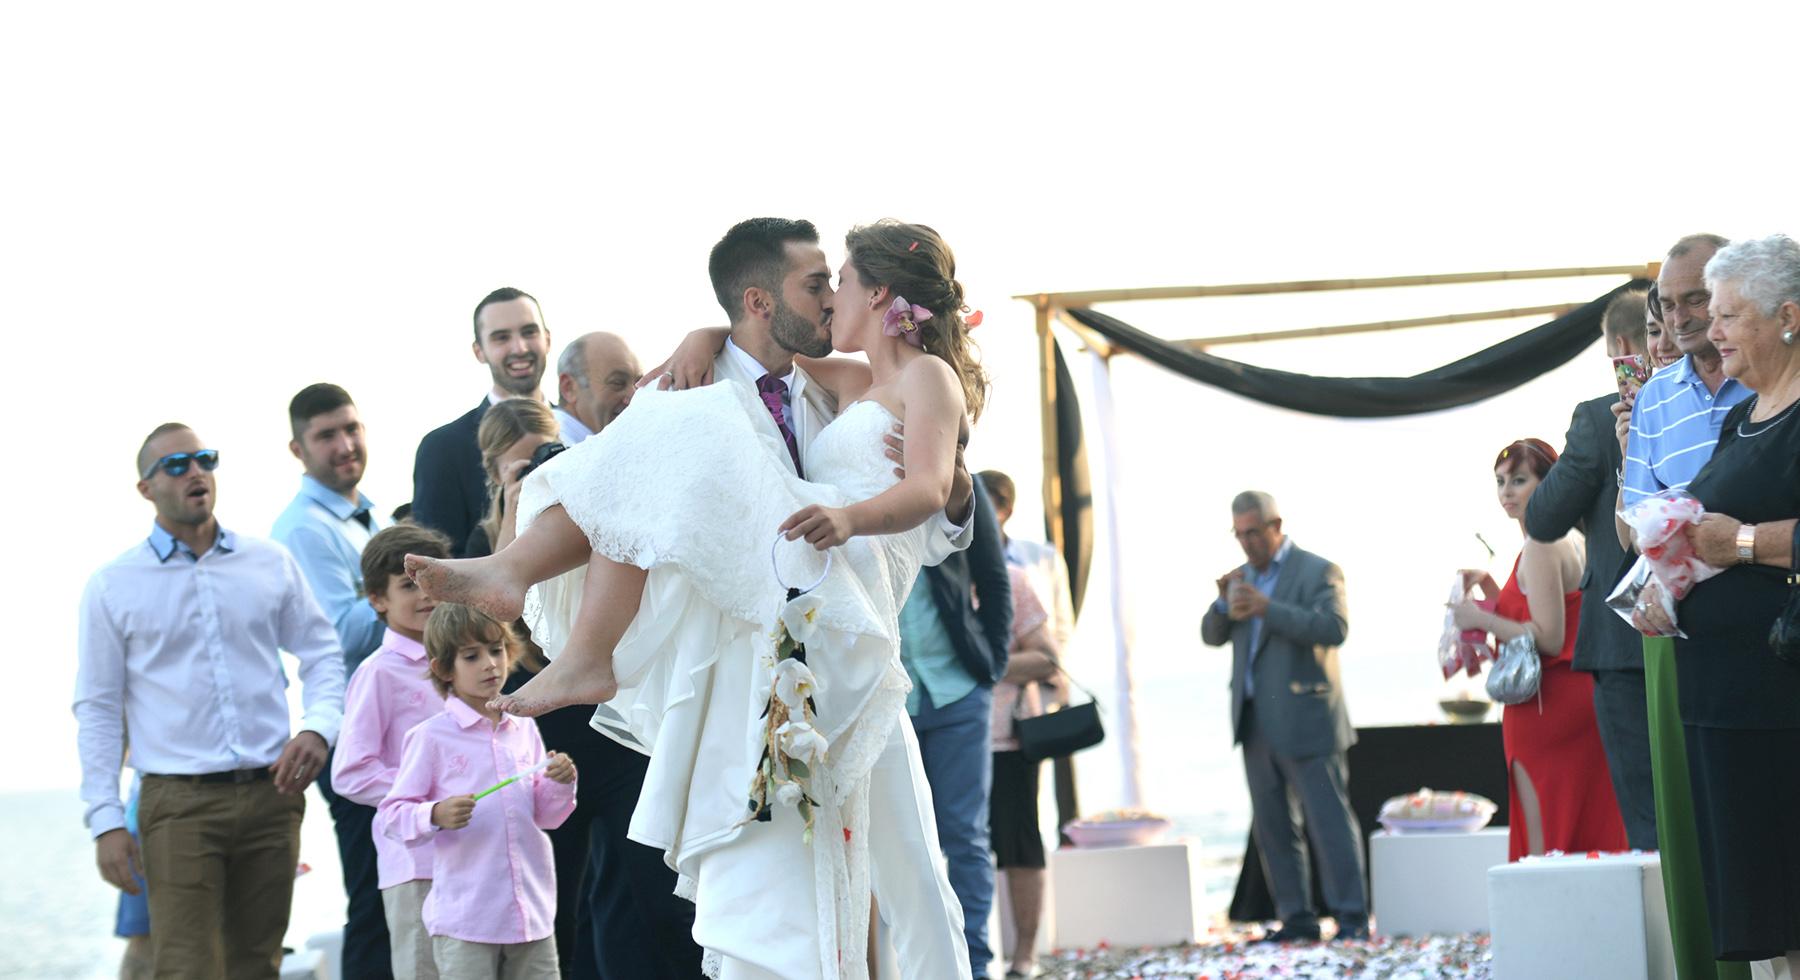 celebración playa benalmadena fotografia de boda